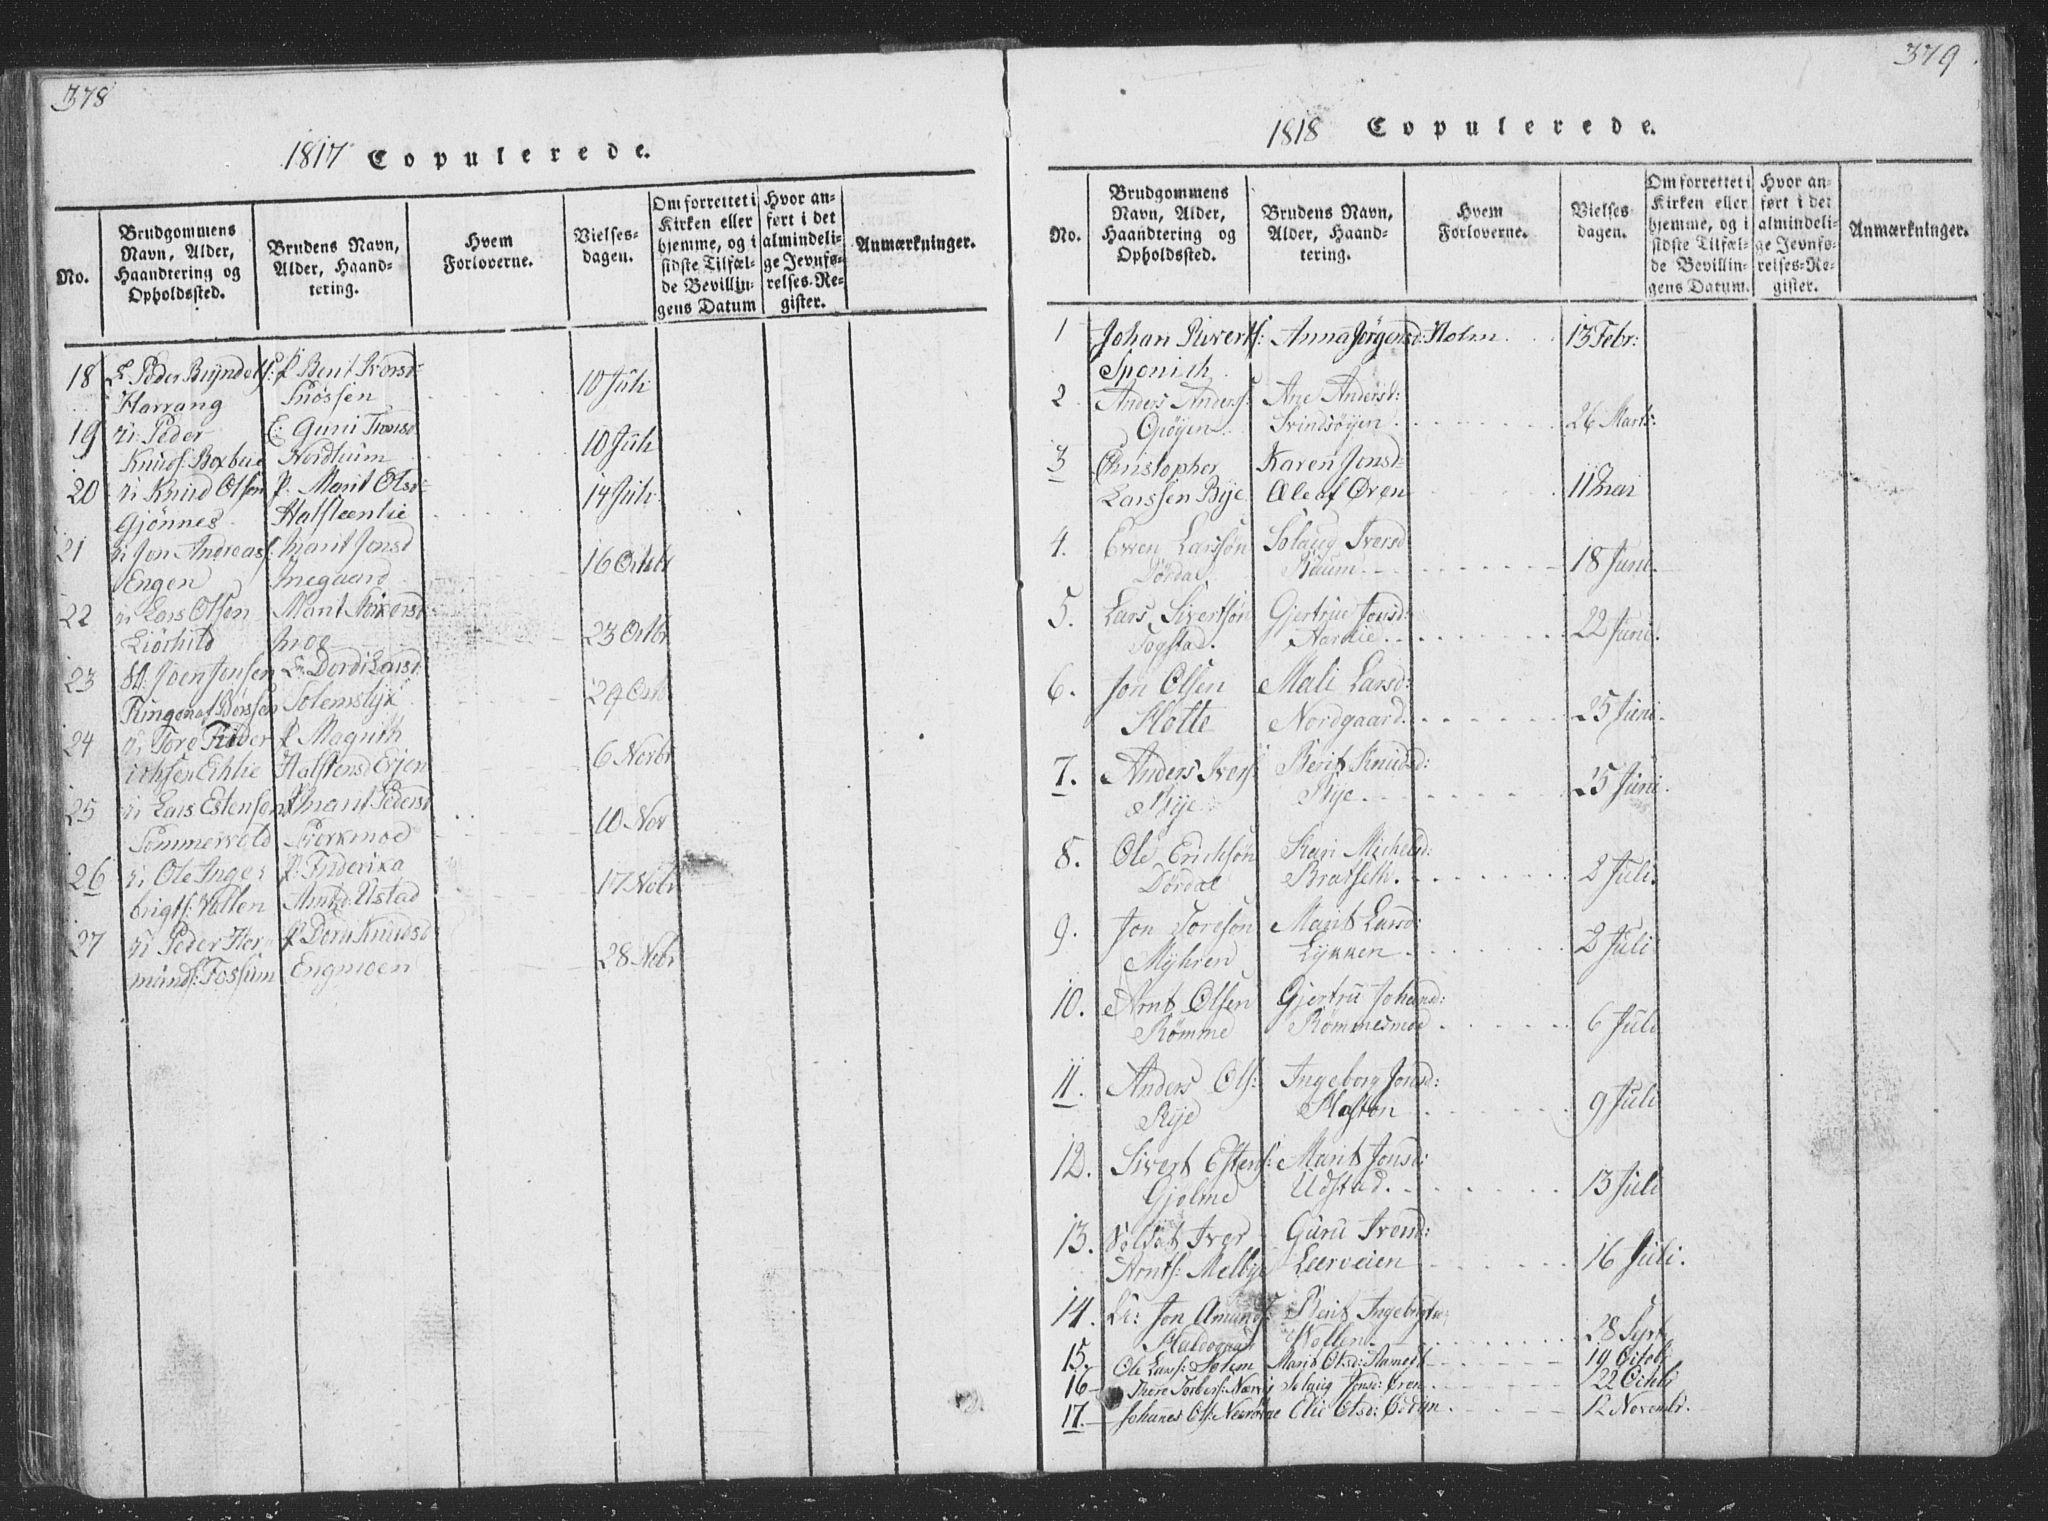 SAT, Ministerialprotokoller, klokkerbøker og fødselsregistre - Sør-Trøndelag, 668/L0816: Klokkerbok nr. 668C05, 1816-1893, s. 378-379